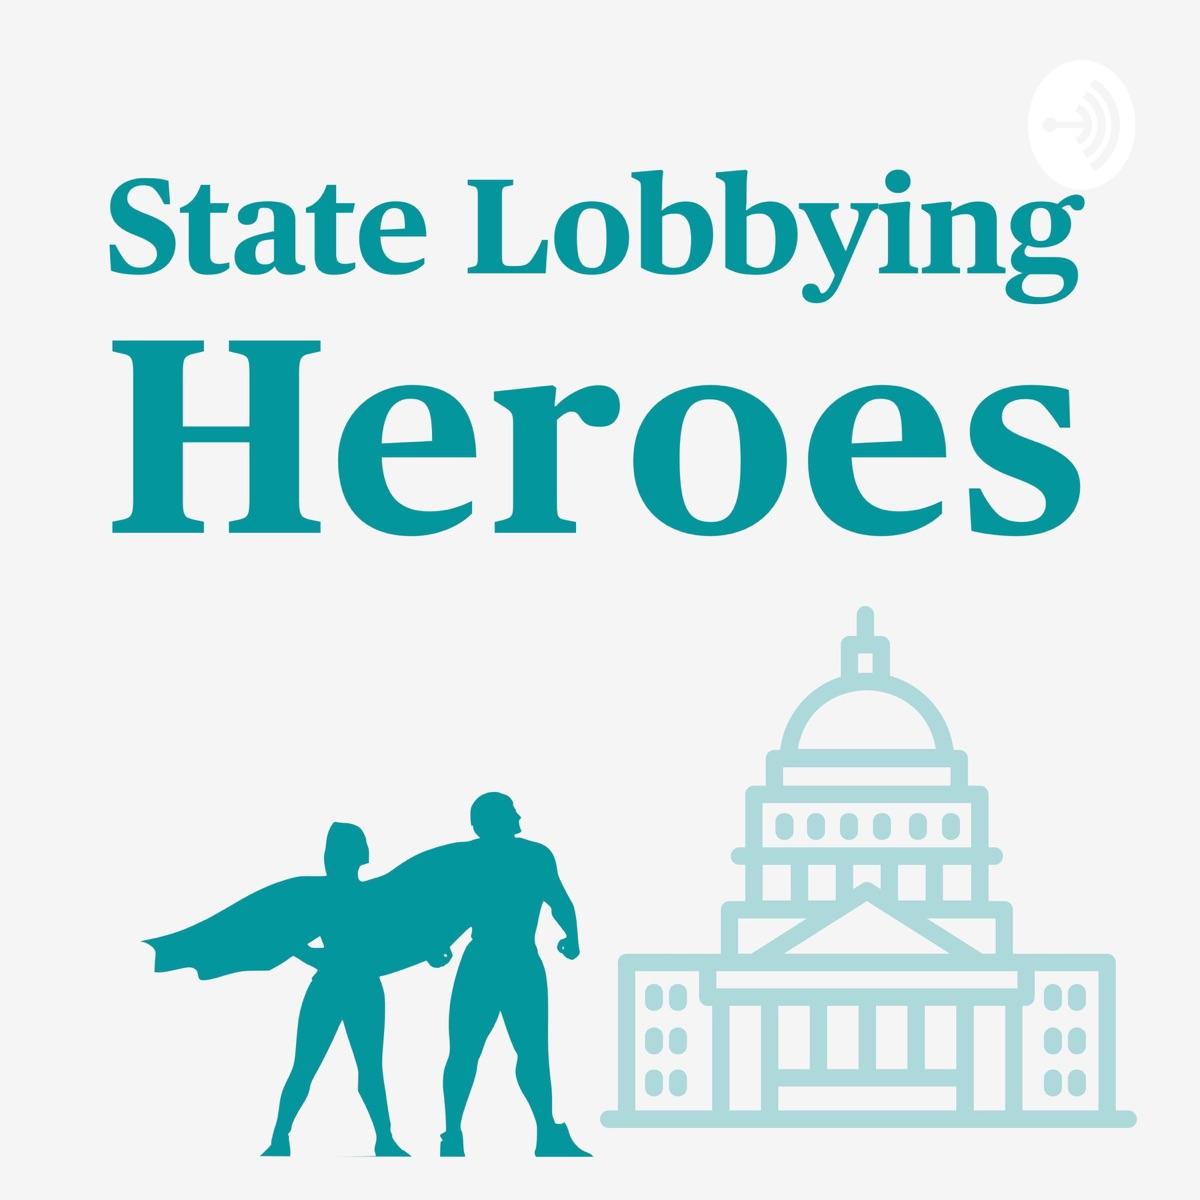 State Lobbying Heroes